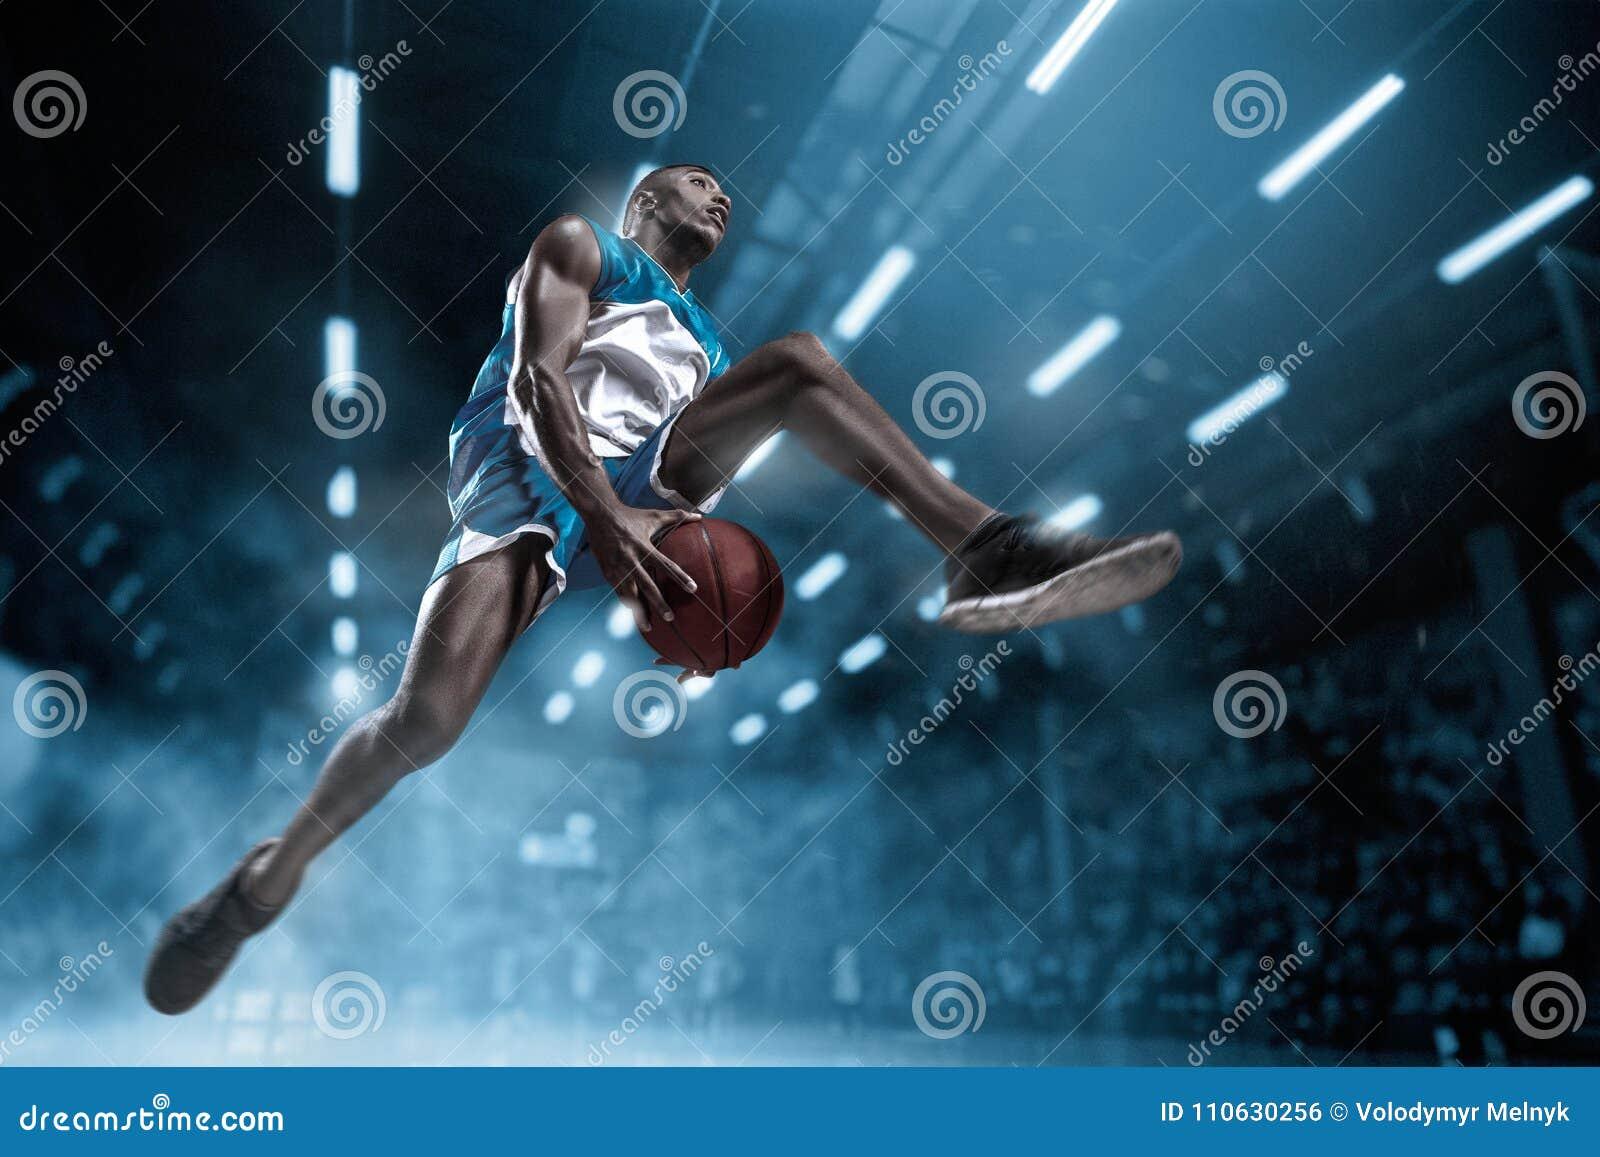 Giocatore di pallacanestro sulla grande arena professionale durante il gioco Giocatore di pallacanestro che fa schiacciata